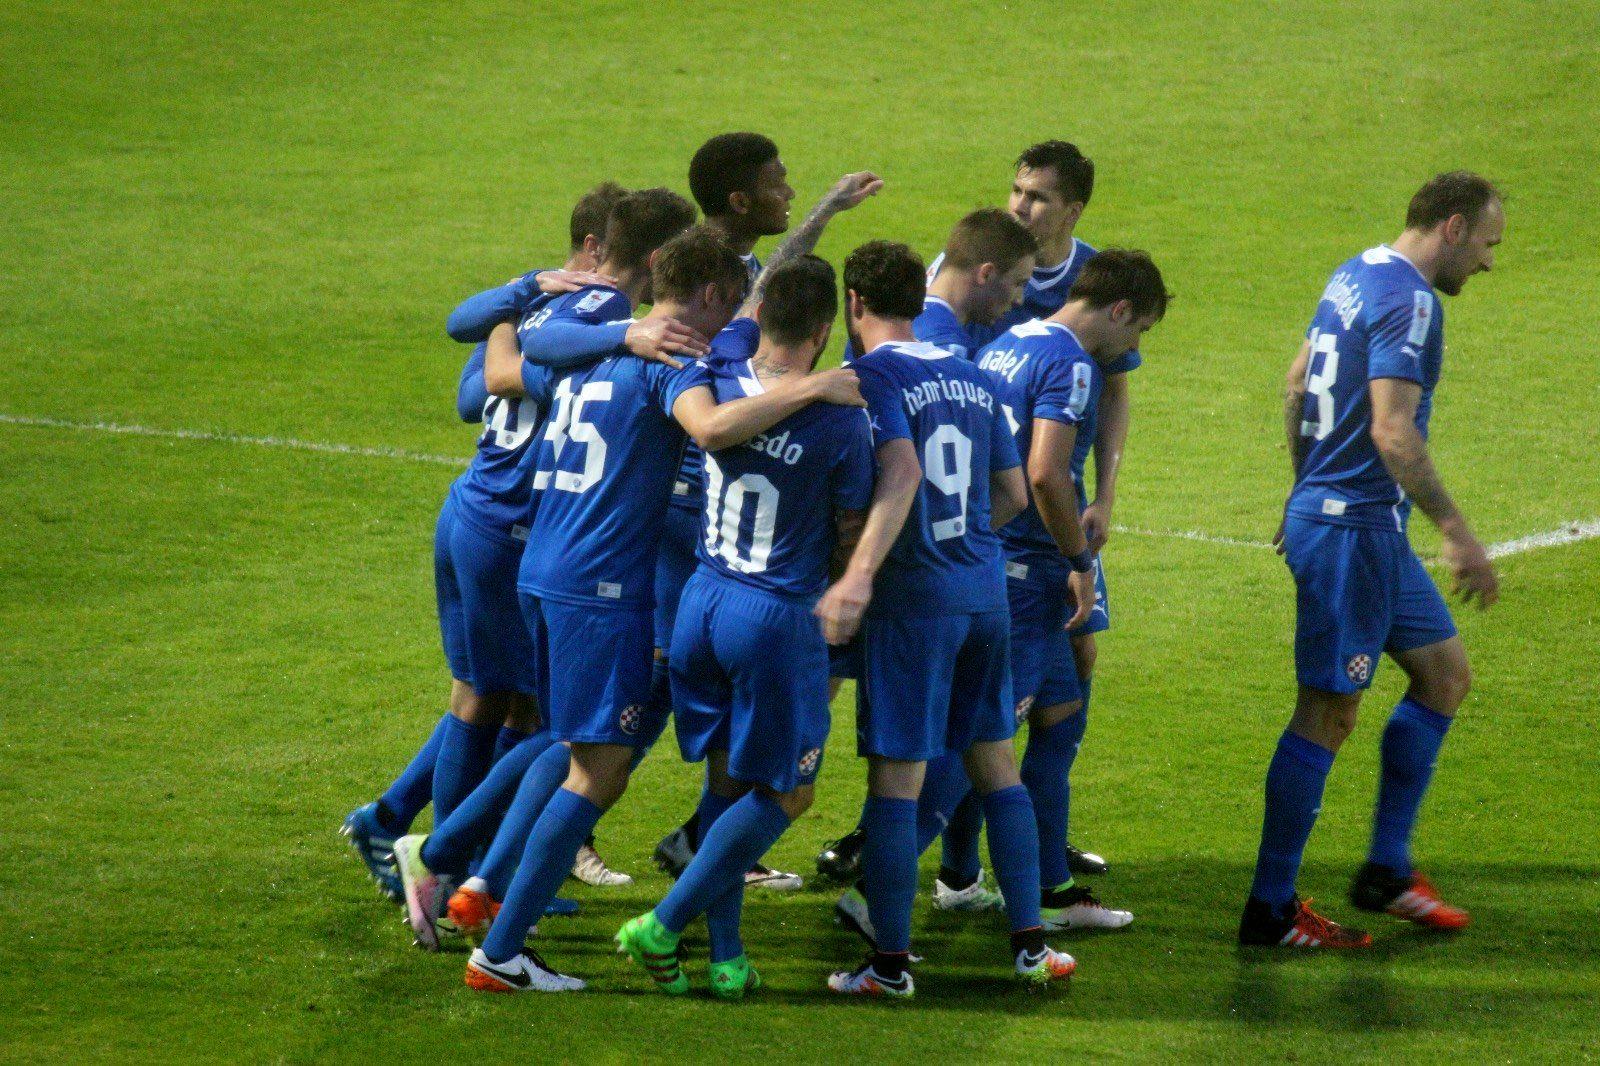 GODINE IDU A NIŠTA SE NE MIJENJA: Dinamo slavi novi naslov prvaka Hrvatske!